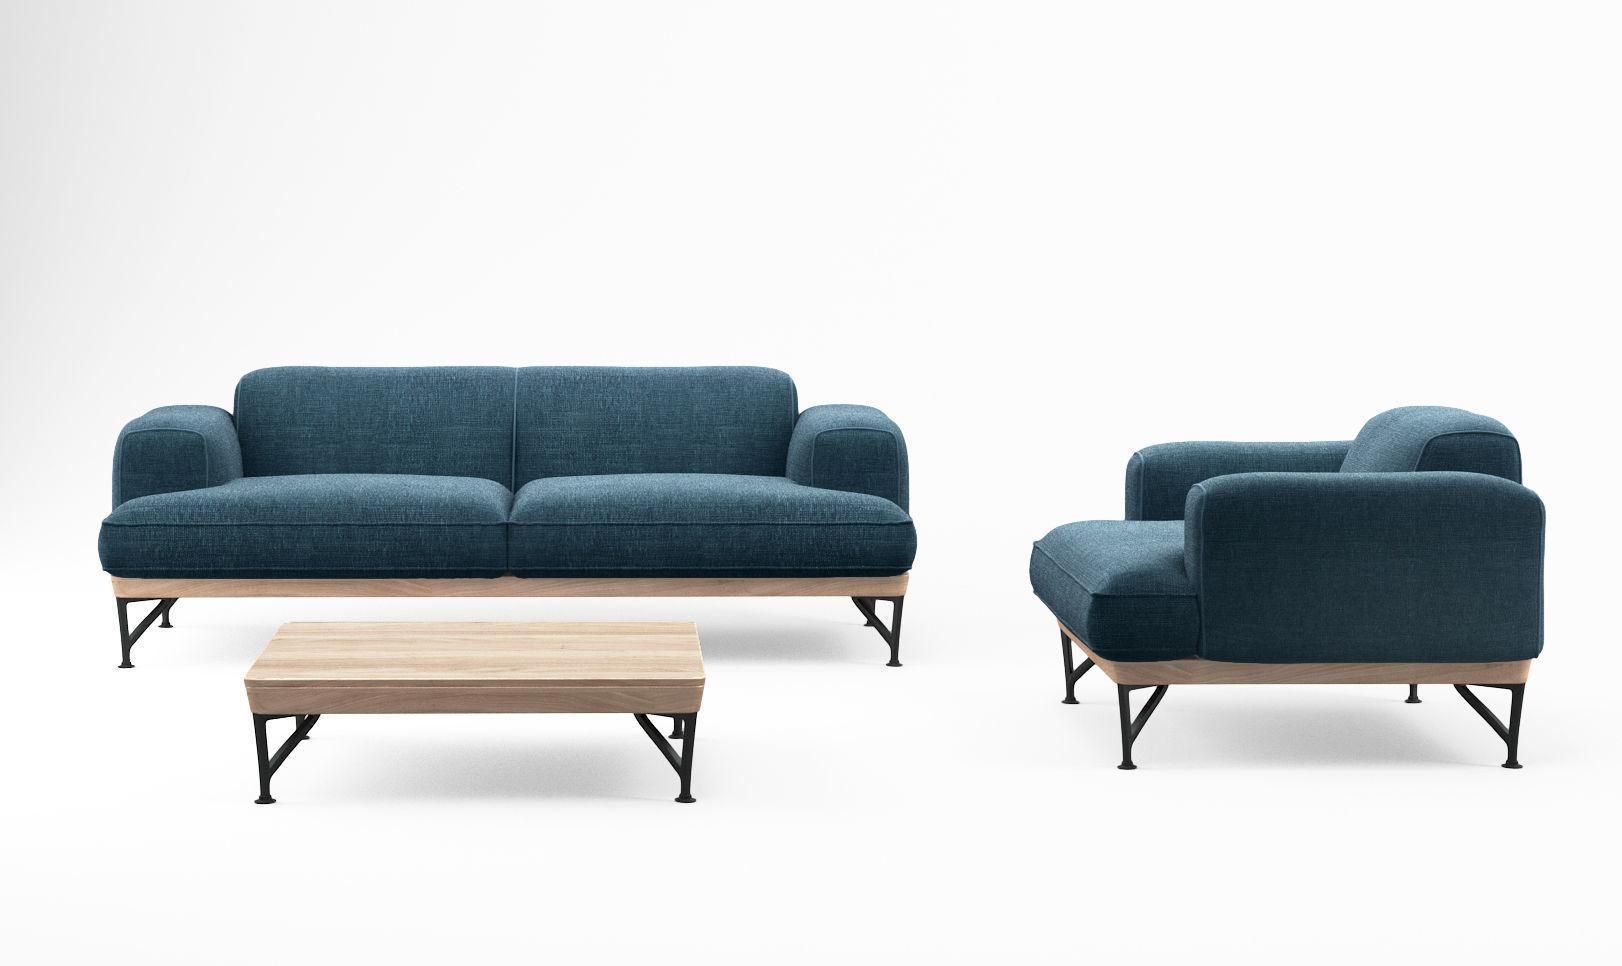 De la Espada armstrong sofa and armchair